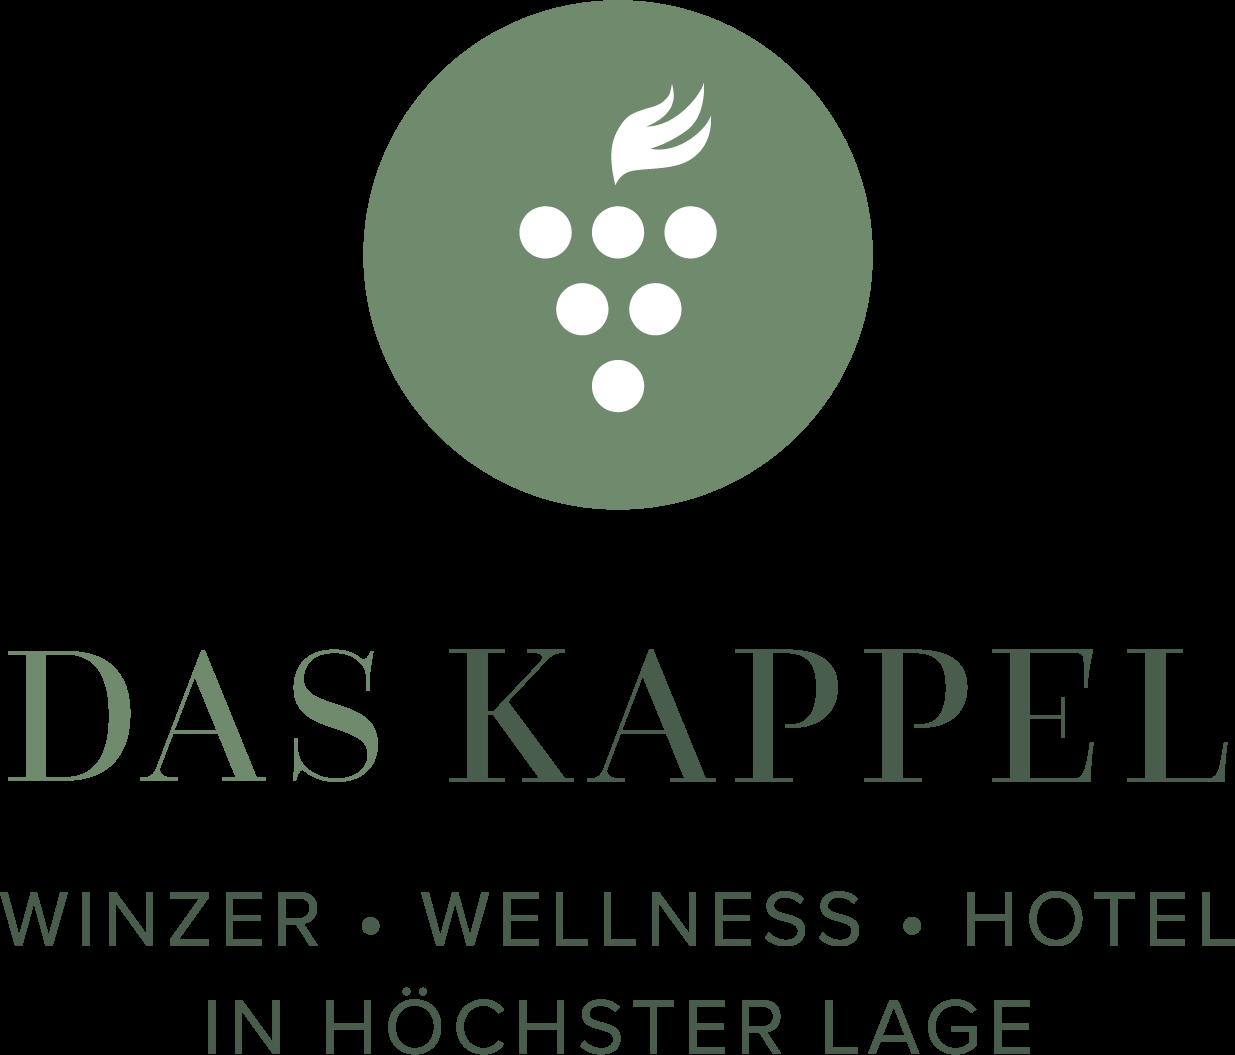 DAS KAPPEL Winzer-Wellness-Hotel in höchster Lage